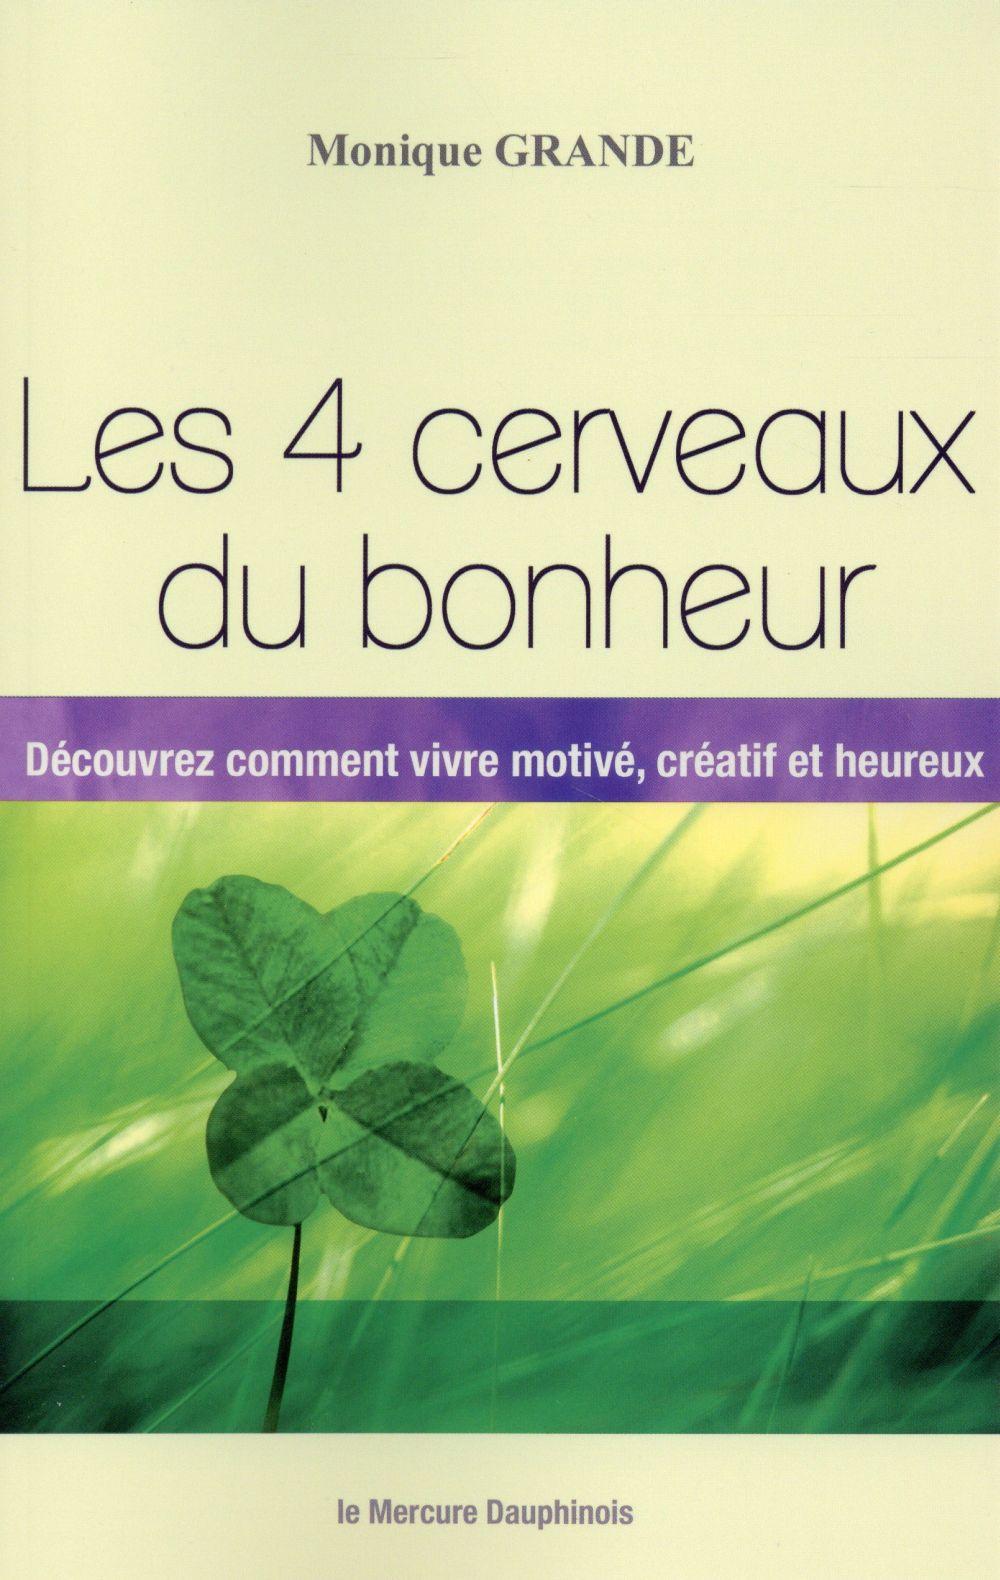 LES 4 CERVEAUX DU BONHEUR - DECOUVREZ COMMENT VIVRE MOTIVE, CREATIF ET HEUREUX